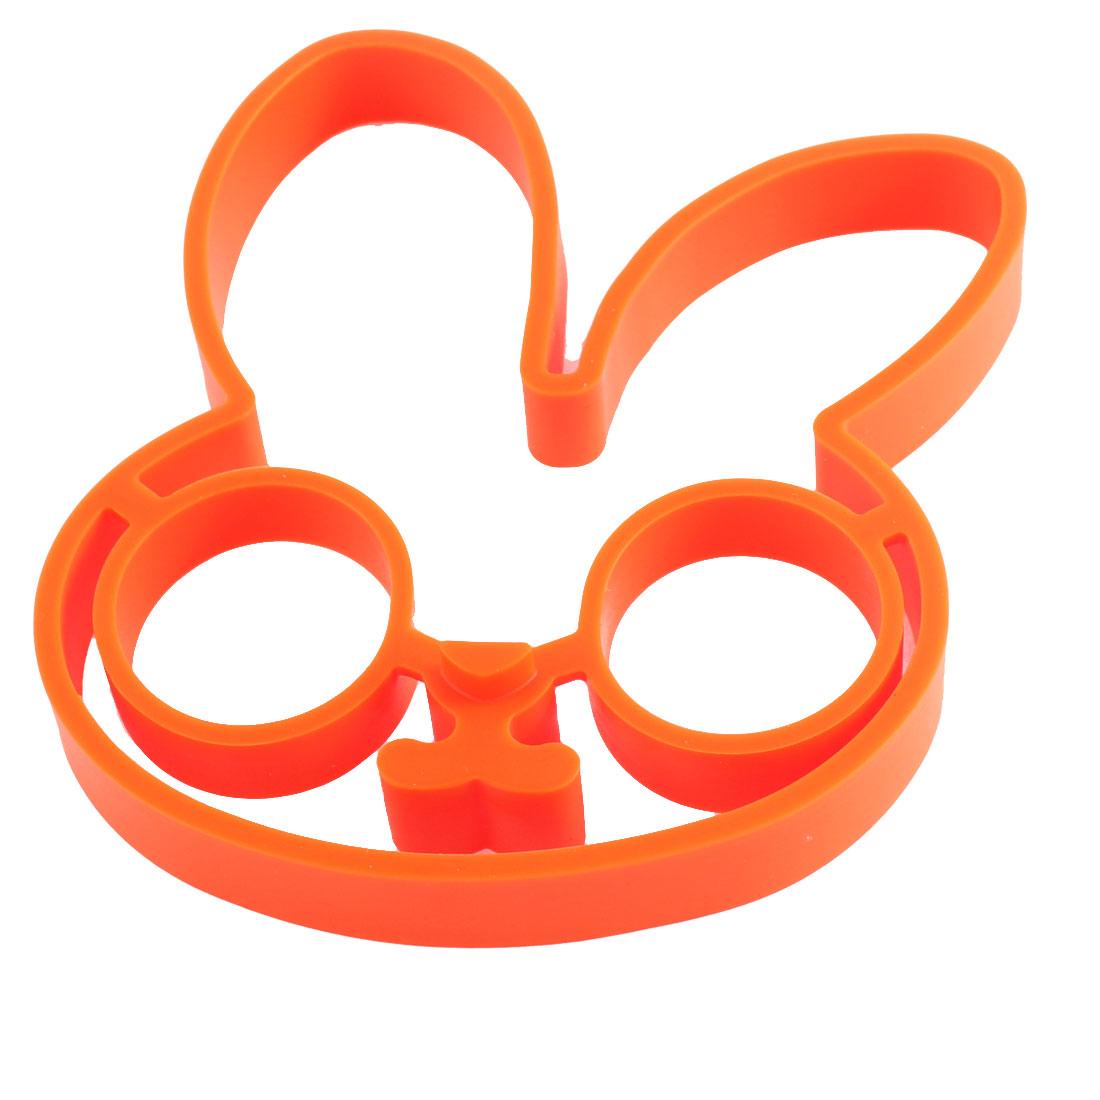 Orange Soft Silicone Rabbit Design Mould Kitchenware Cookie Cutter